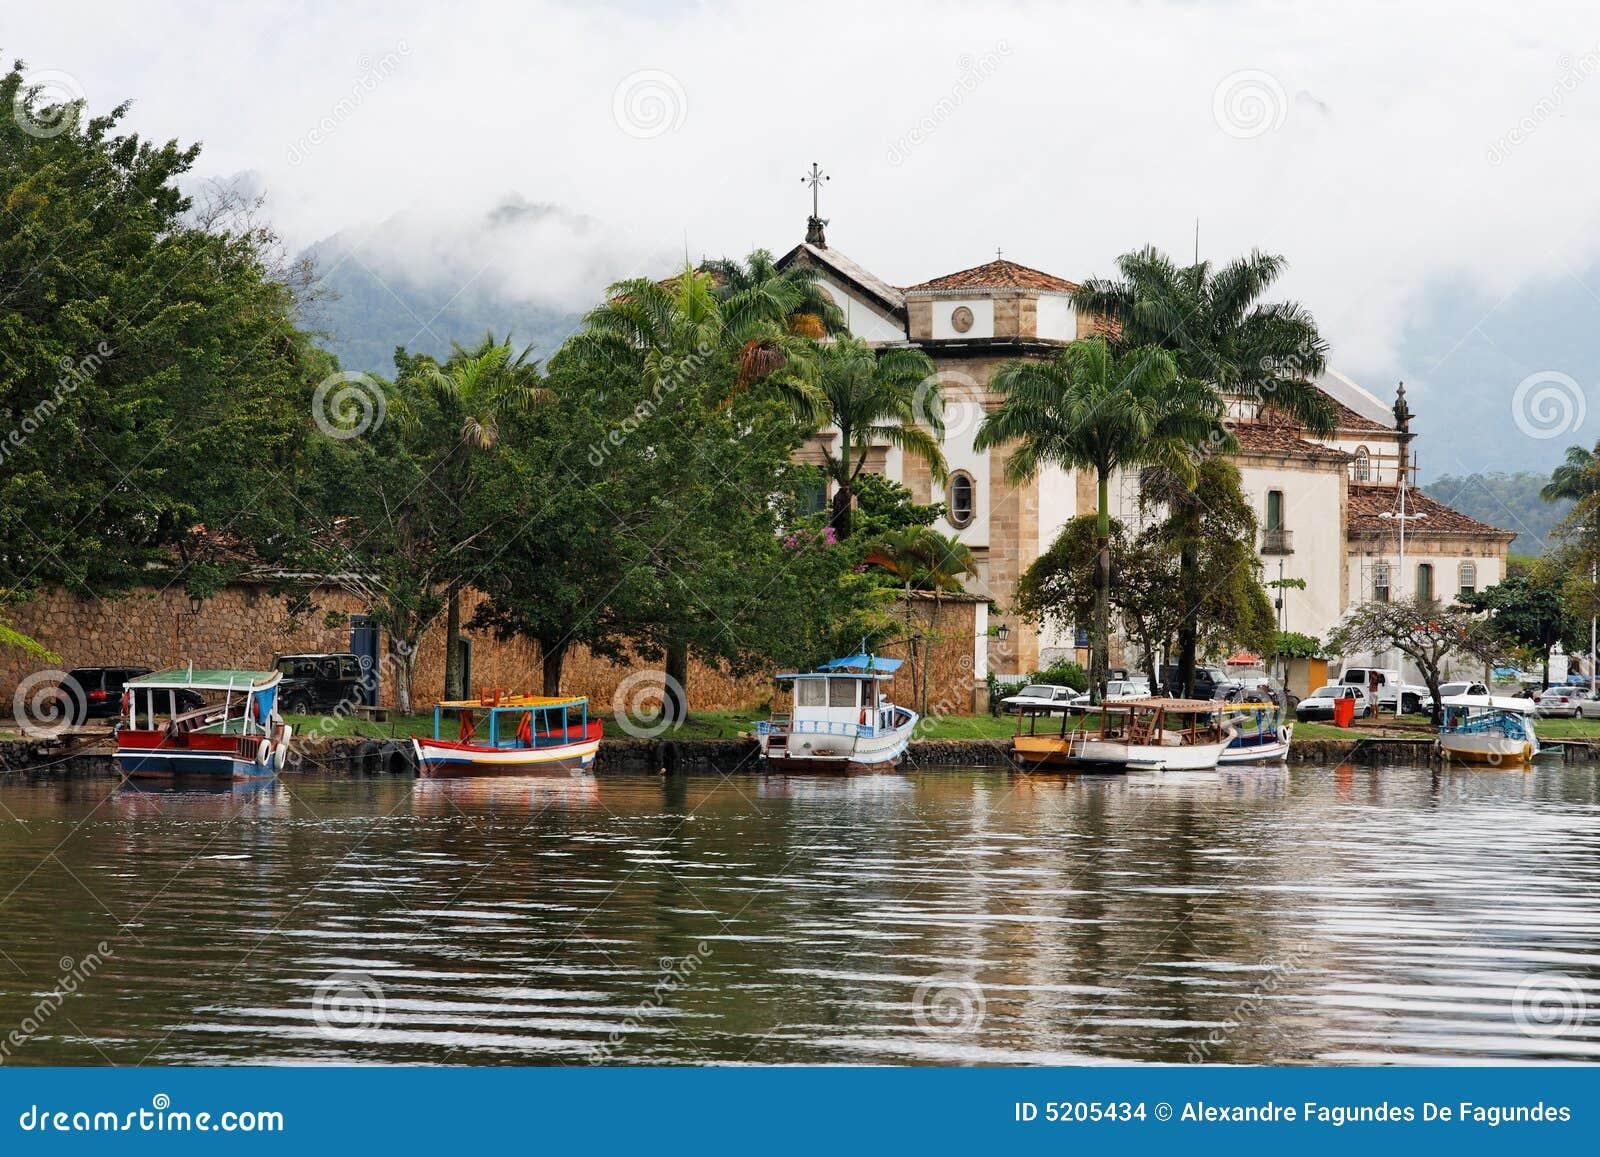 Catedral e barcos em Paraty